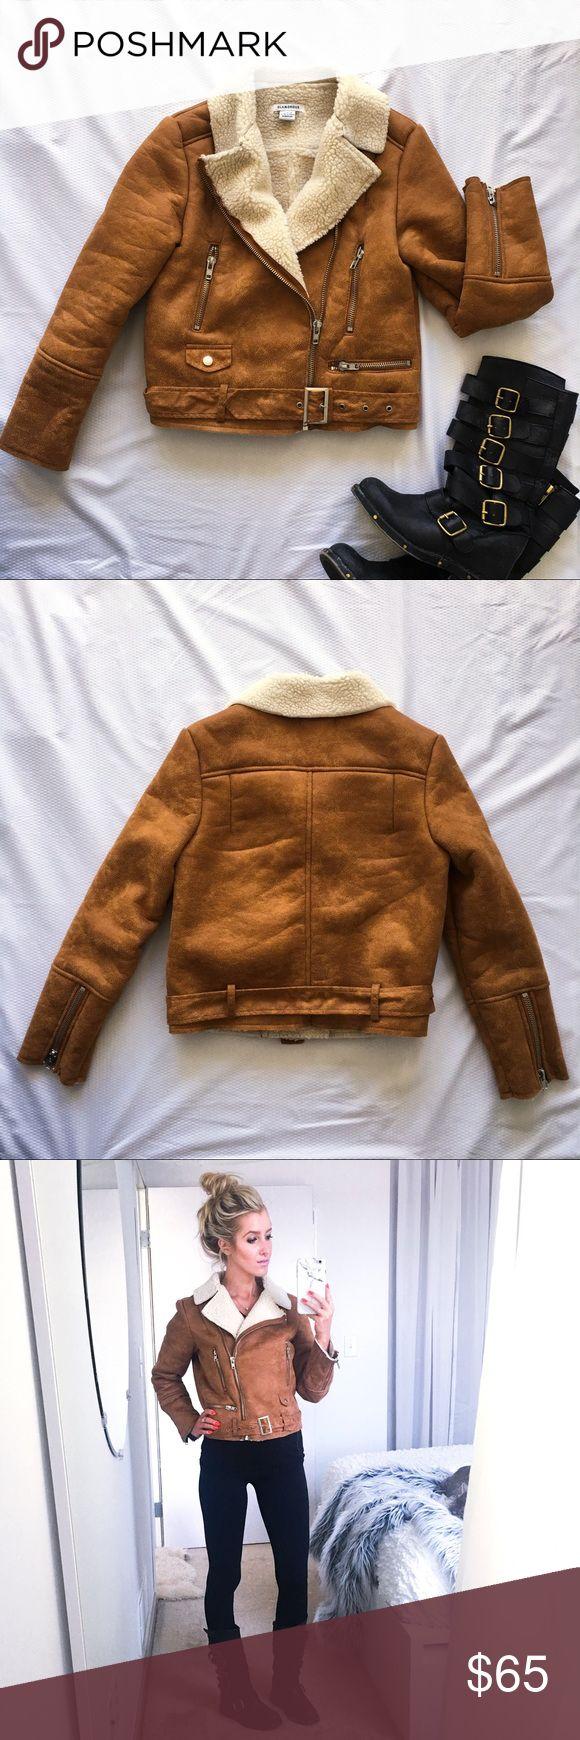 Nast Gal faux suede and shearling biker jacket Mmmmmmmm. Don't want this to leave my wardrobe 😩 Although, it's been worn twice - soooooooooo the minimalist in me says it should. Ugggghhhhhhhhhhhhhhhhhh. Great condition. Nasty Gal Jackets & Coats